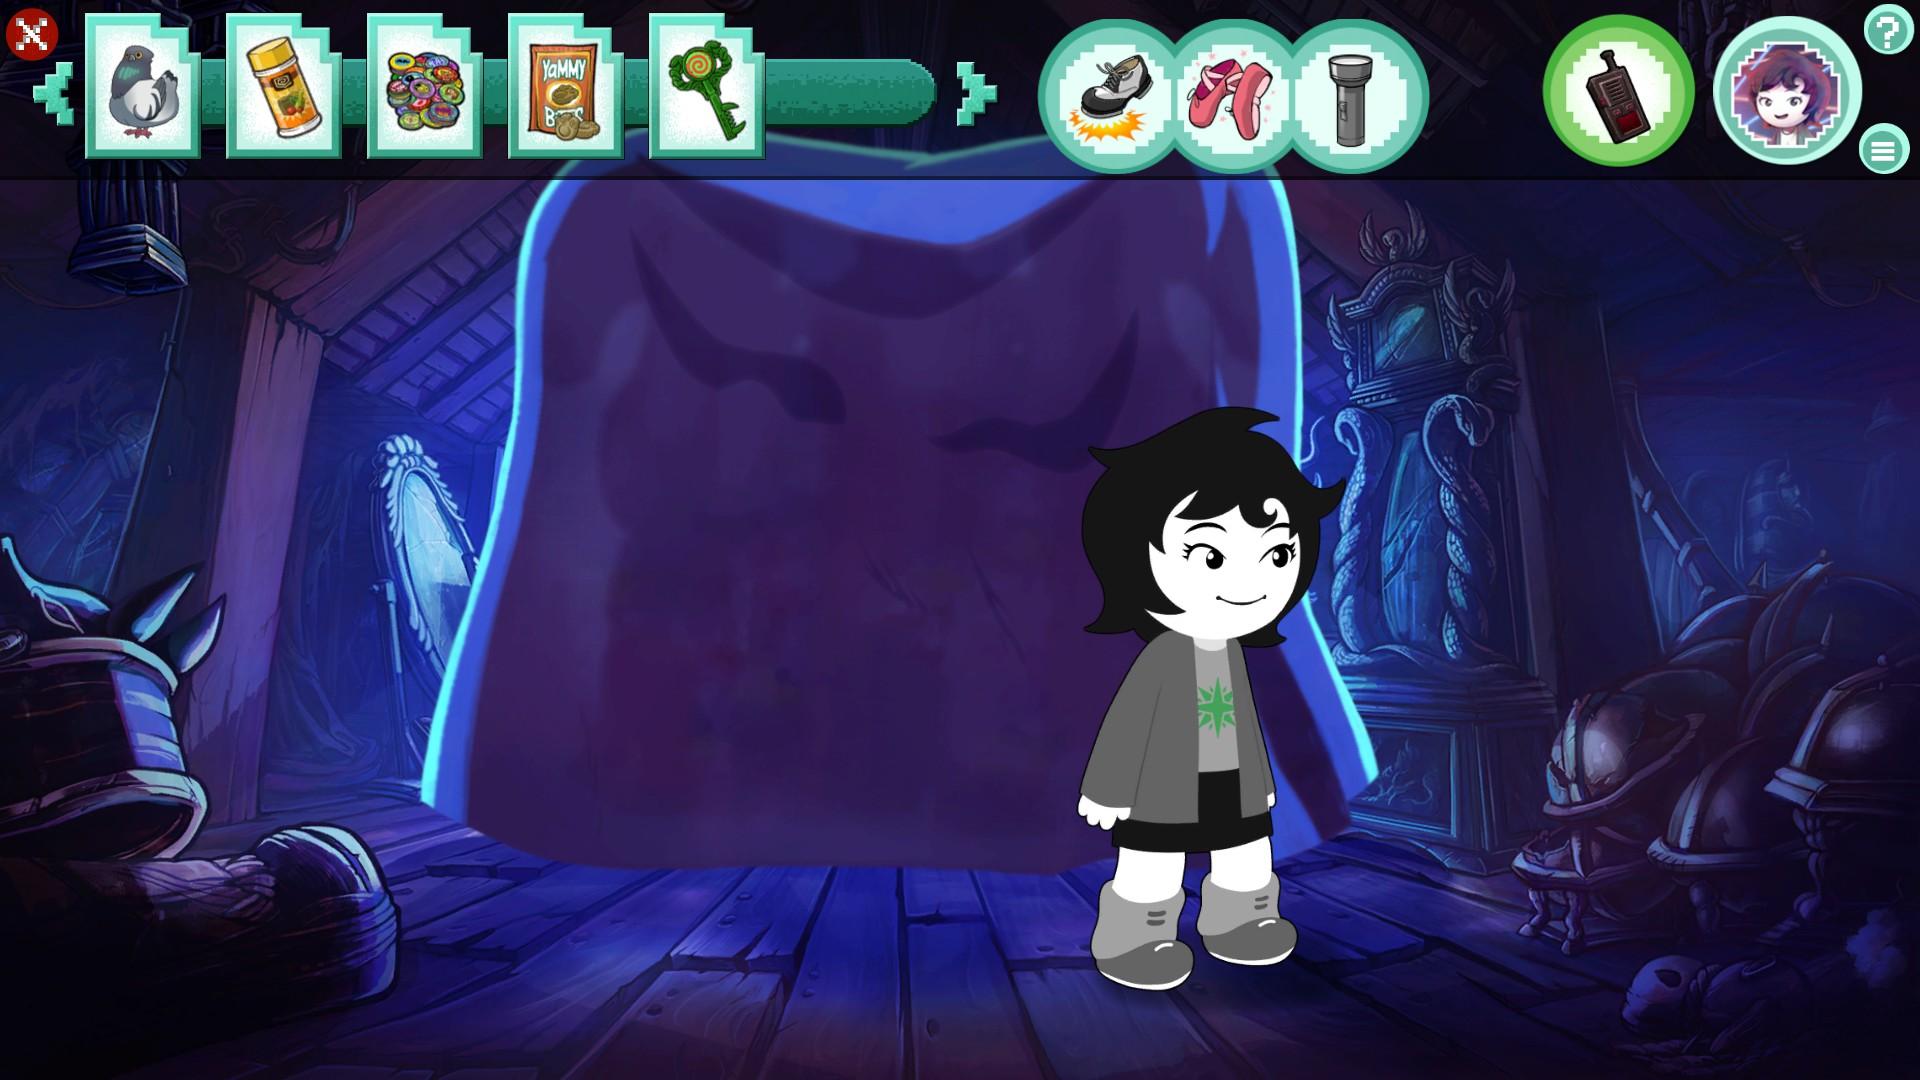 Portal, final